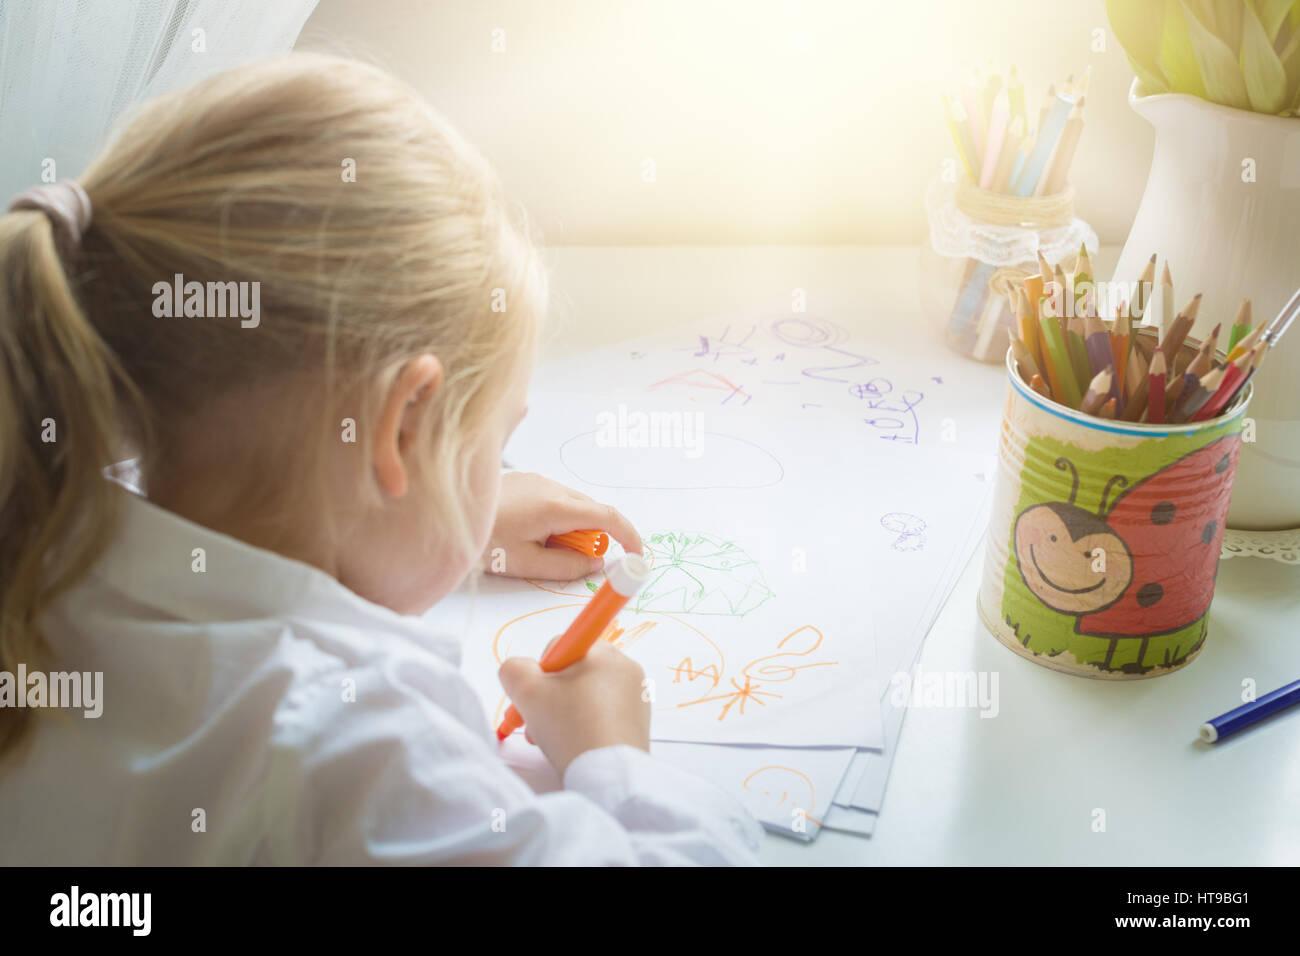 Il concetto di creatività. bambina disegno Immagini Stock